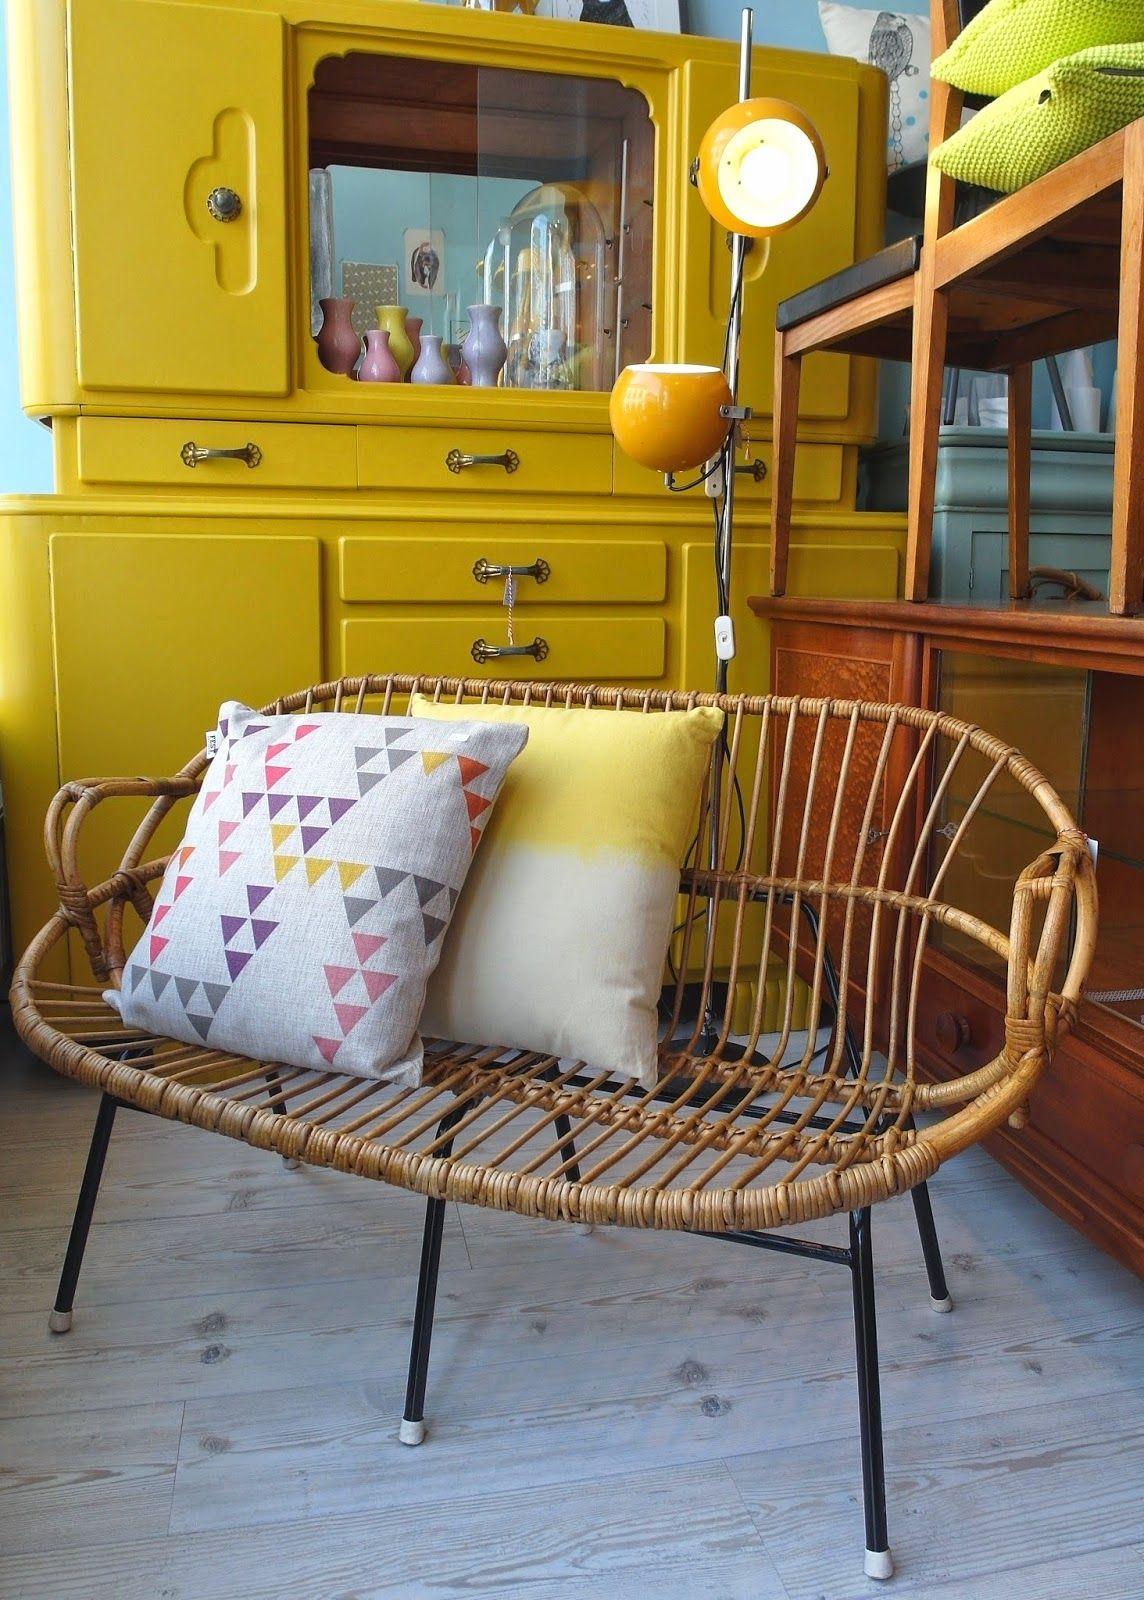 FEITO COM AMOR retro, vintage & design Breda... I love the yellow ...